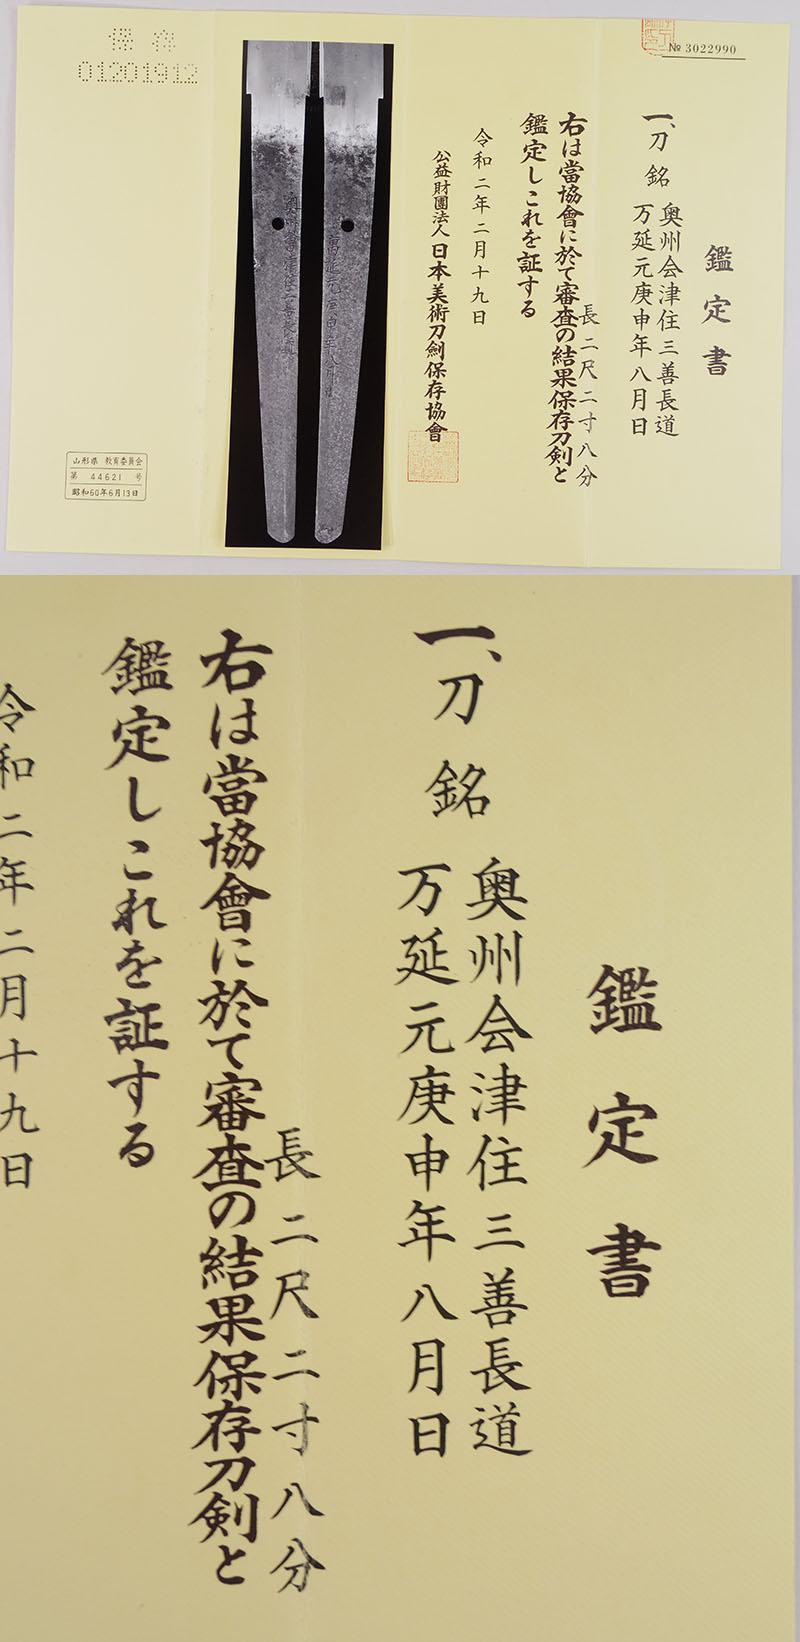 刀 奥州会津住三善長道(八代三善長道)(新々刀 上作)  万延元庚申年八月日 Picture of Certificate